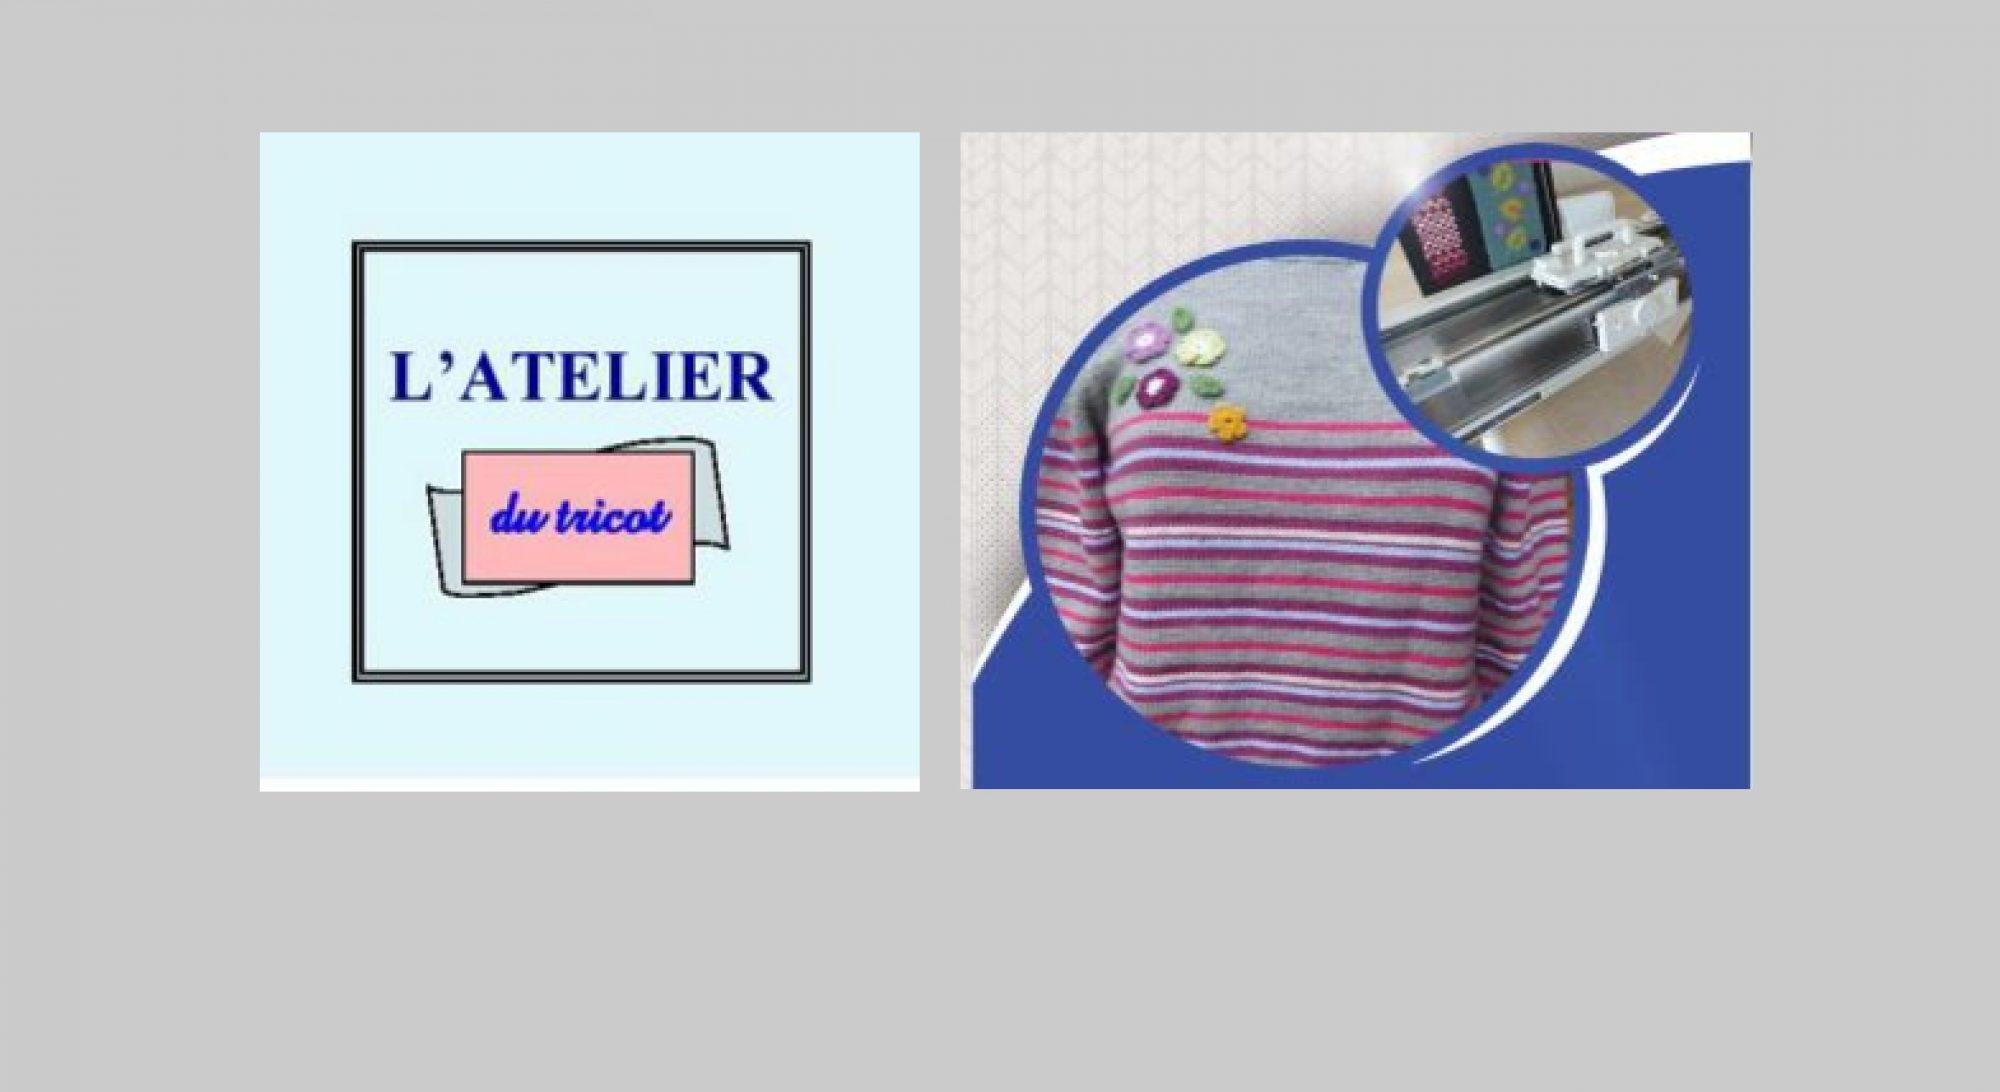 L'atelier du tricot